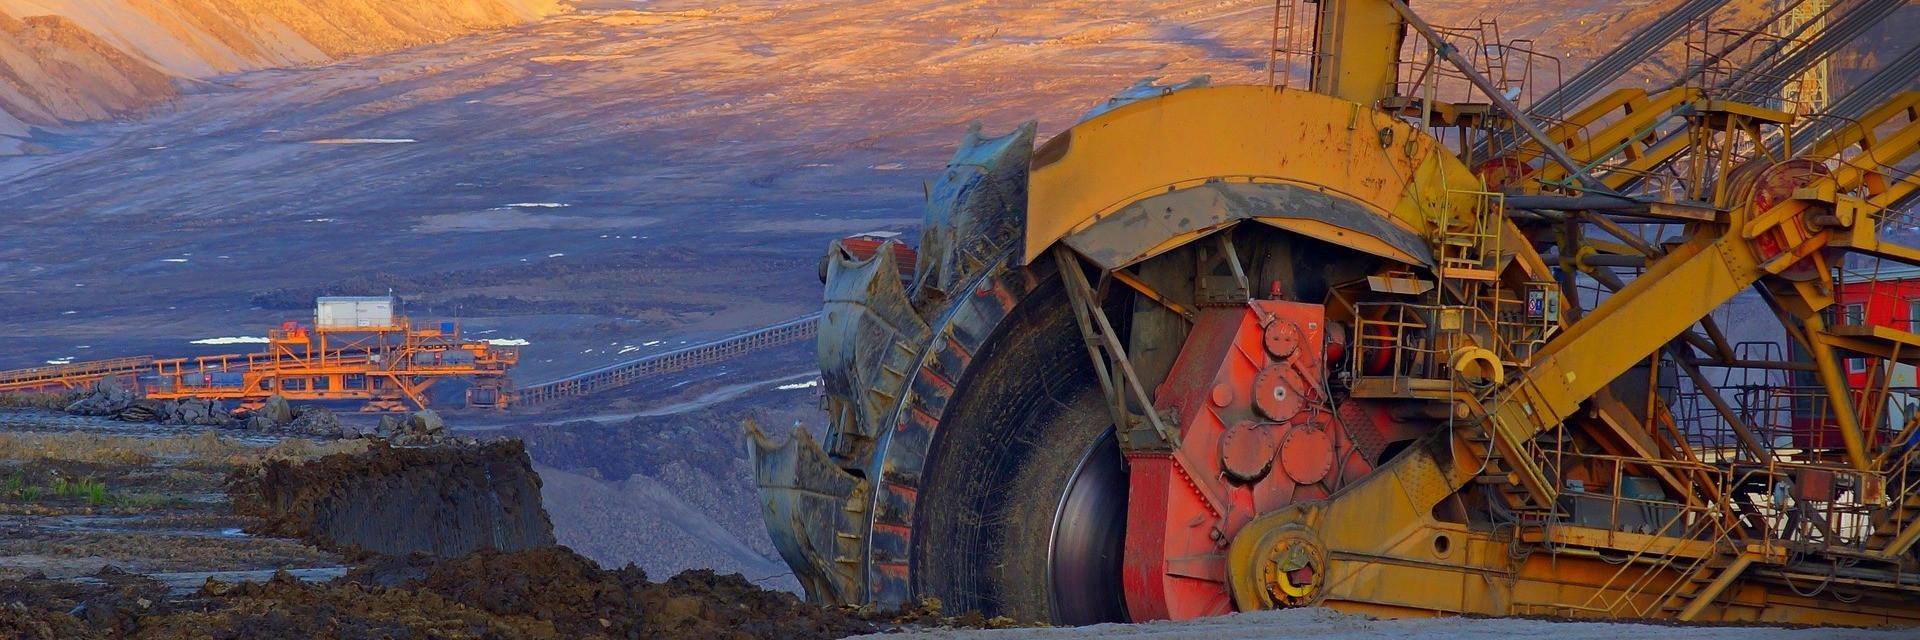 Комплектующие для предприятий отрасли добычи полезных ископаемых